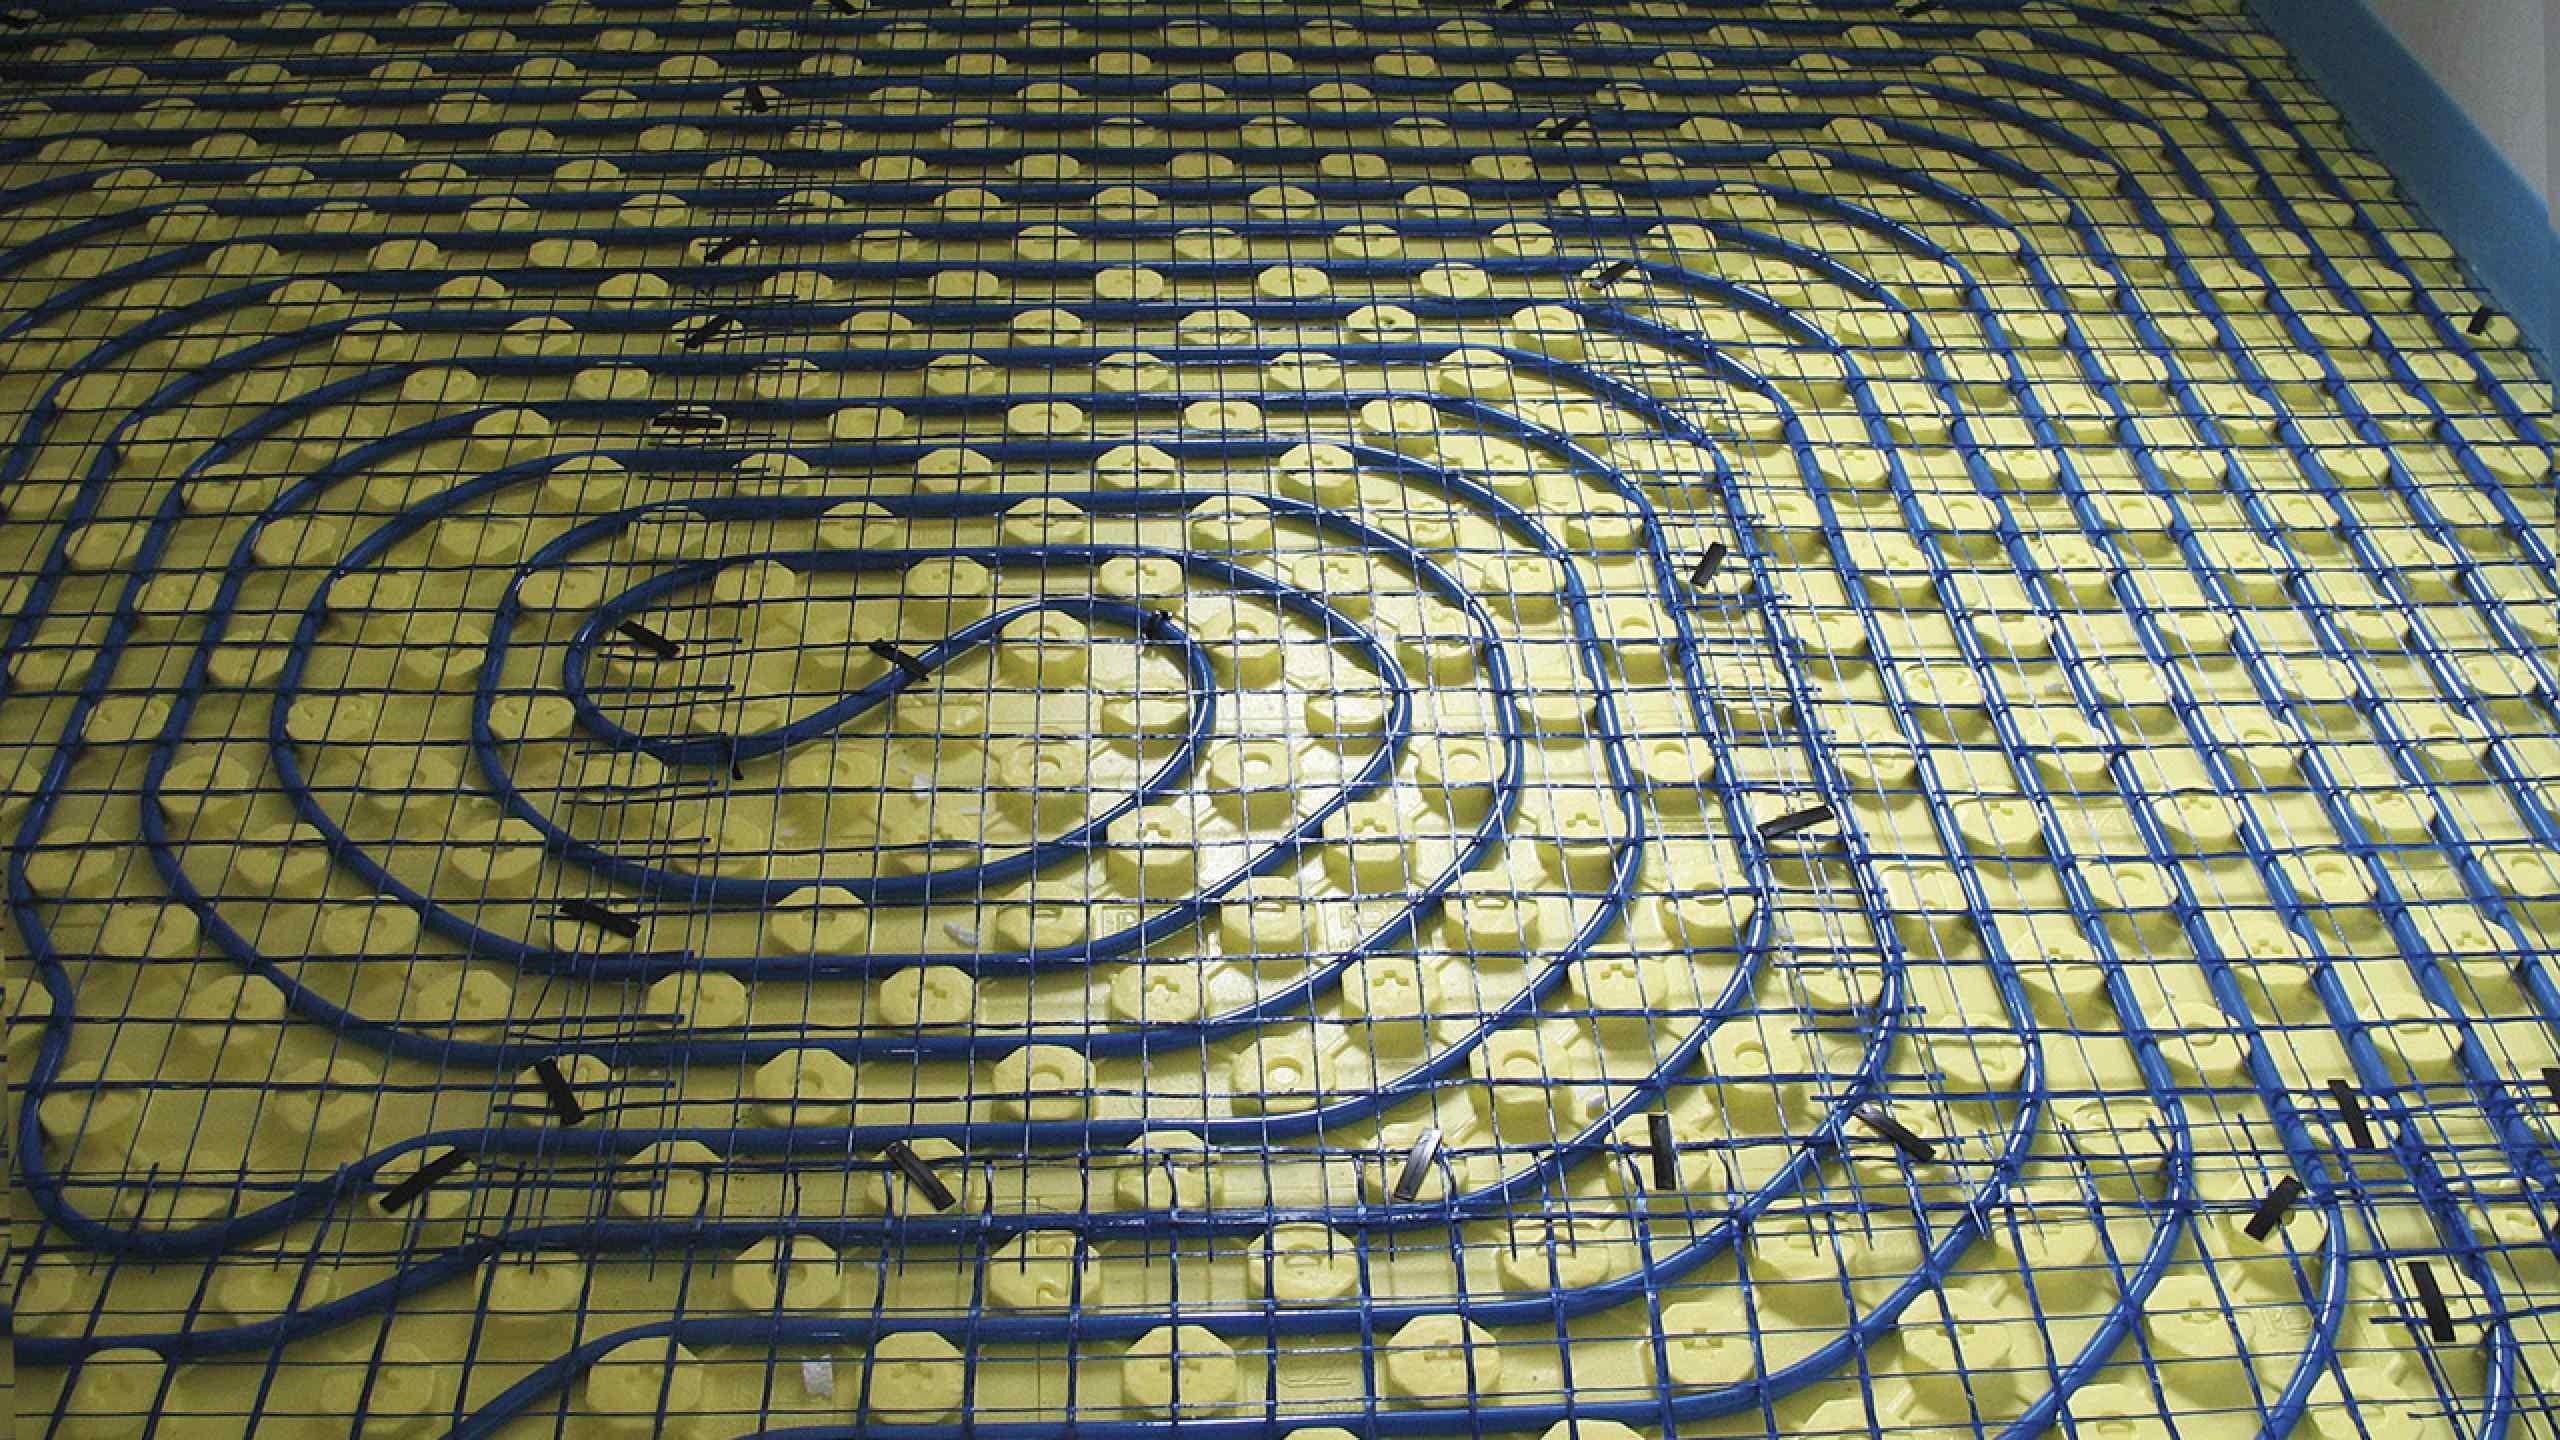 Riscaldamento A Pavimento Consumi riscaldamento a pavimento, trento | rdz